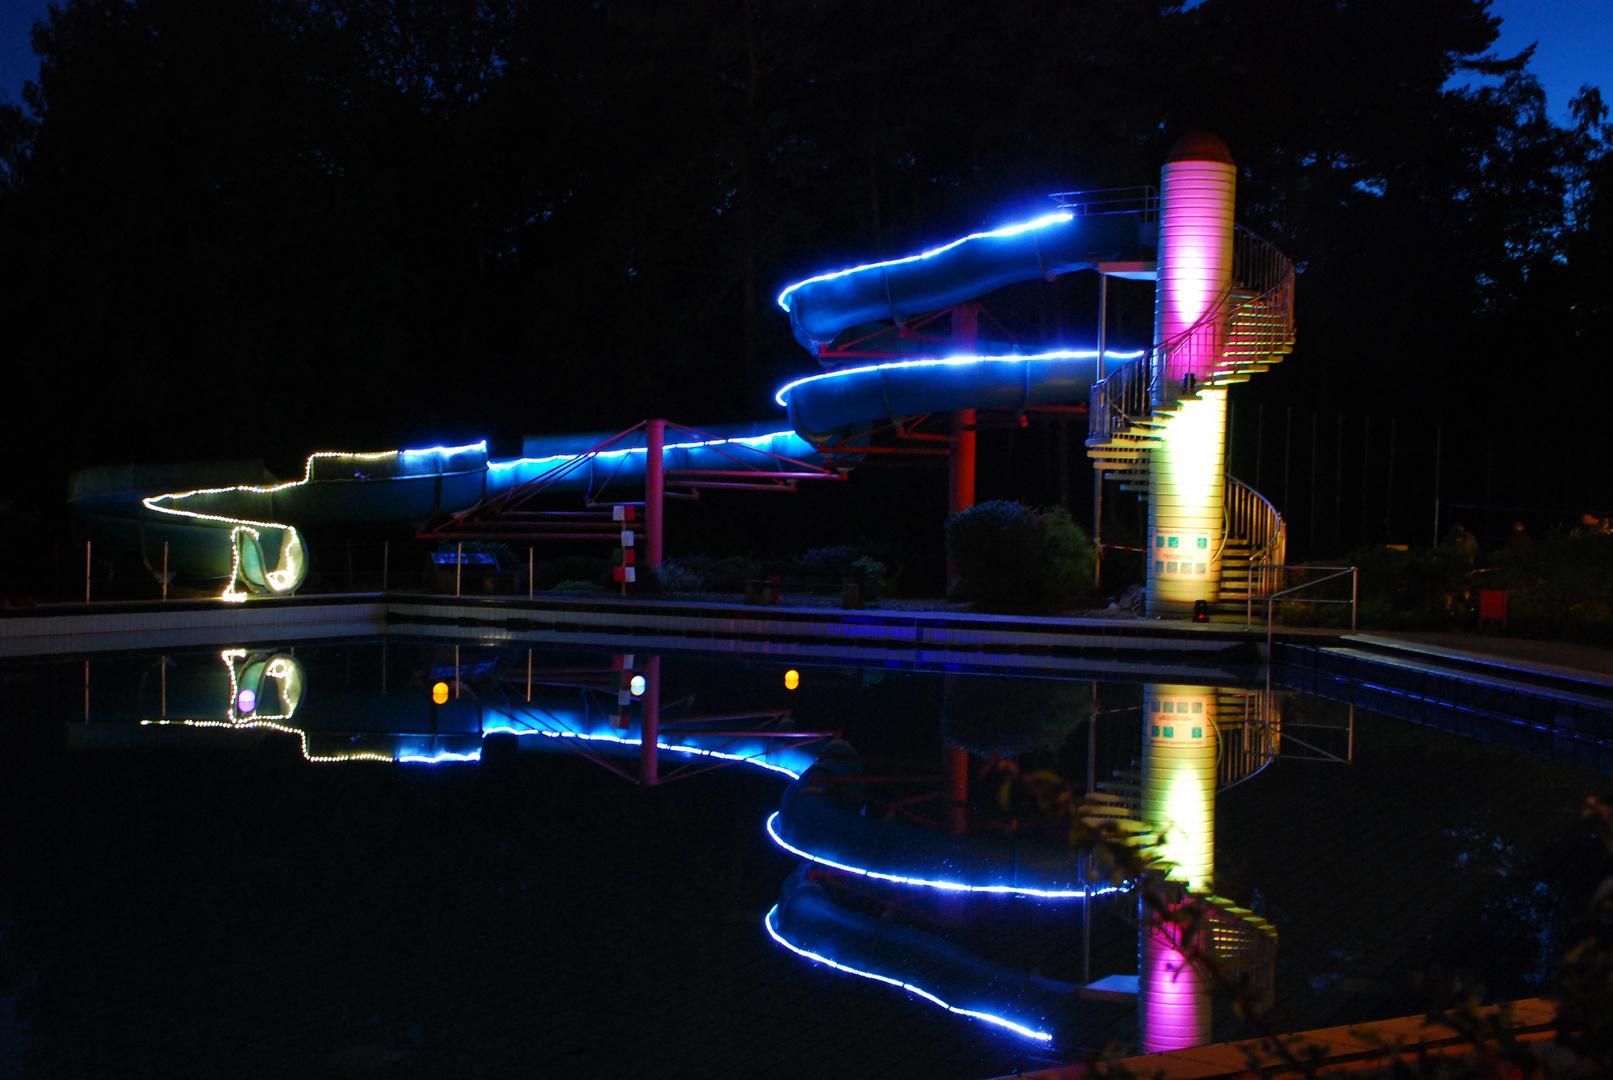 Badeanstalt bei Nacht